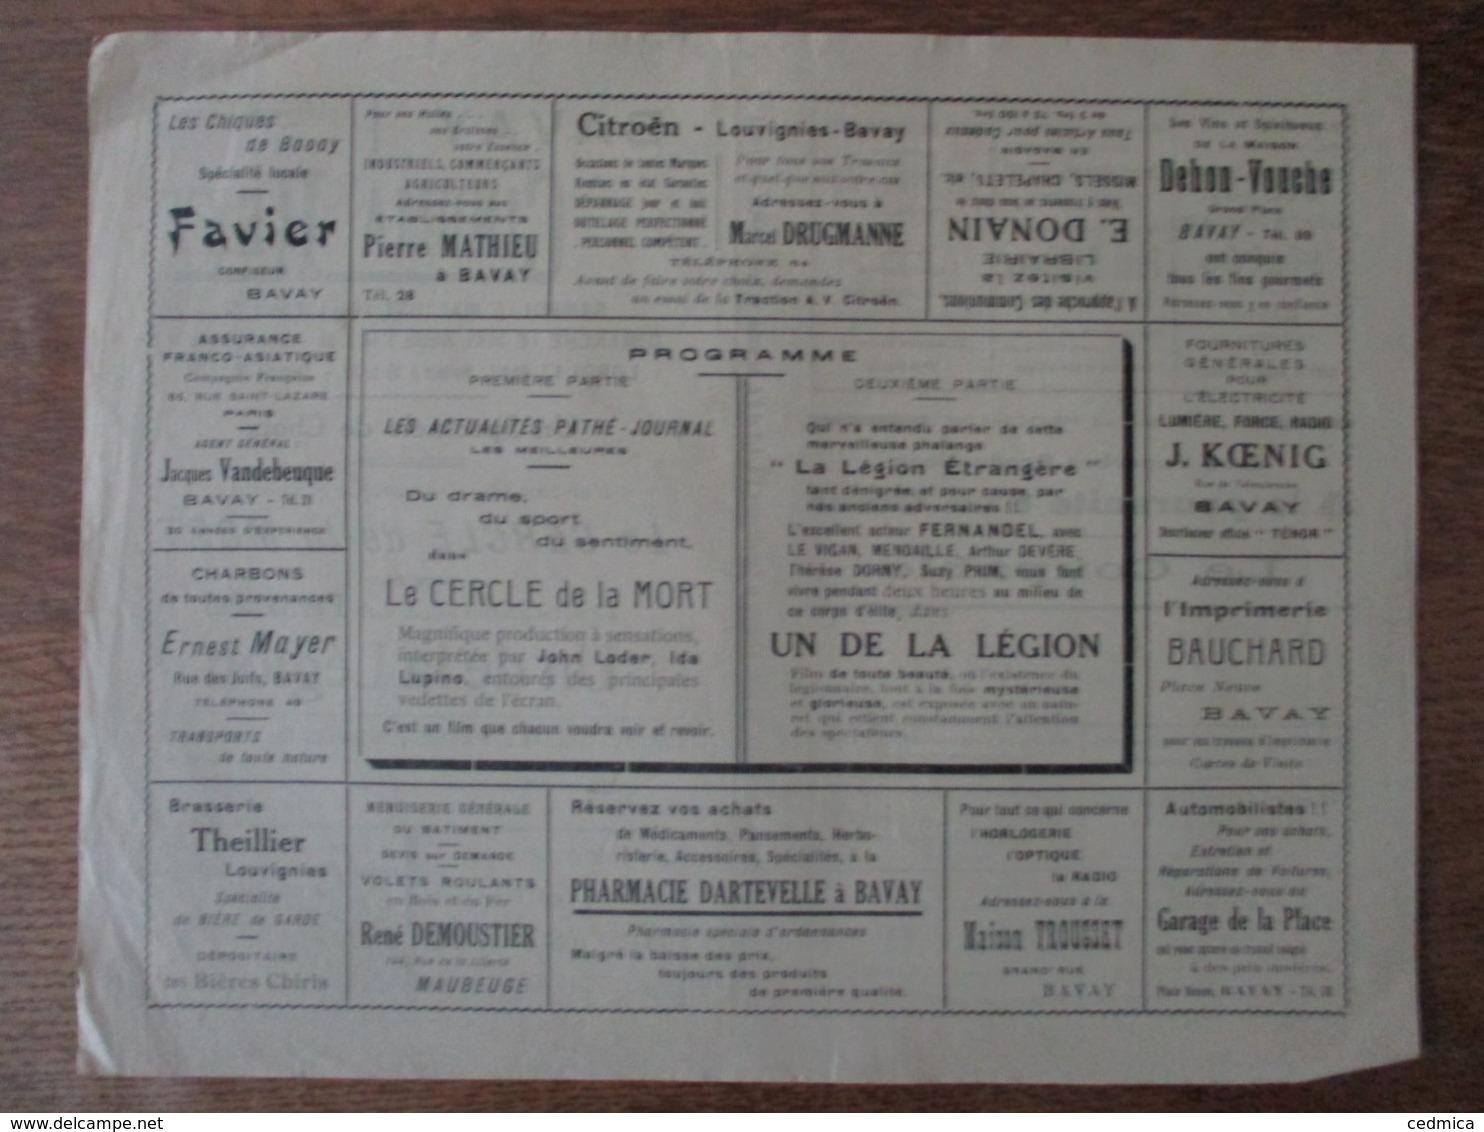 BAVAY CINEMA REXY 15,16,17 MAI 1937 LE CERCLE DE LA MORT ET UN DE LA LEGION LE PLUS GRAND SUCCES DE FERNANDEL - Programme